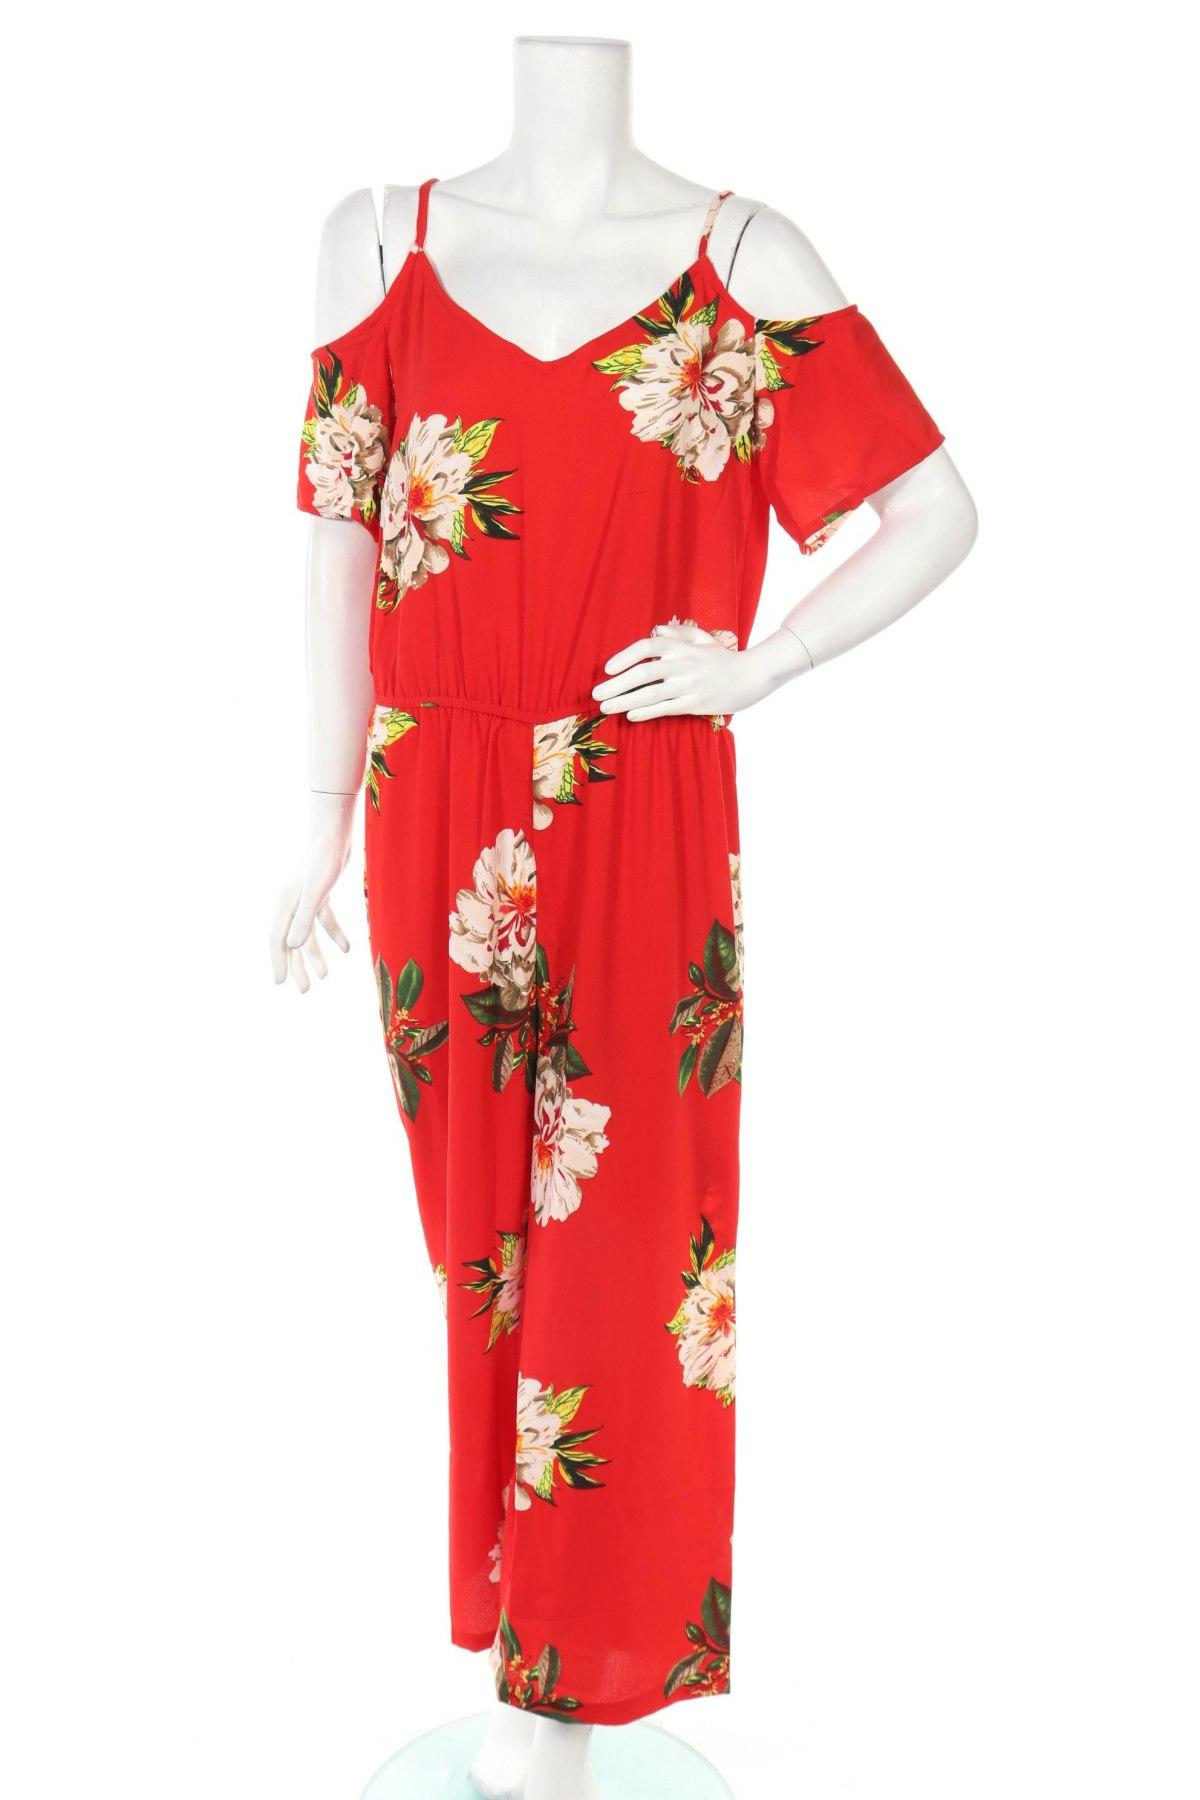 Γυναικεία σαλοπέτα ONLY, Μέγεθος XL, Χρώμα Πολύχρωμο, Πολυεστέρας, Τιμή 15,41€